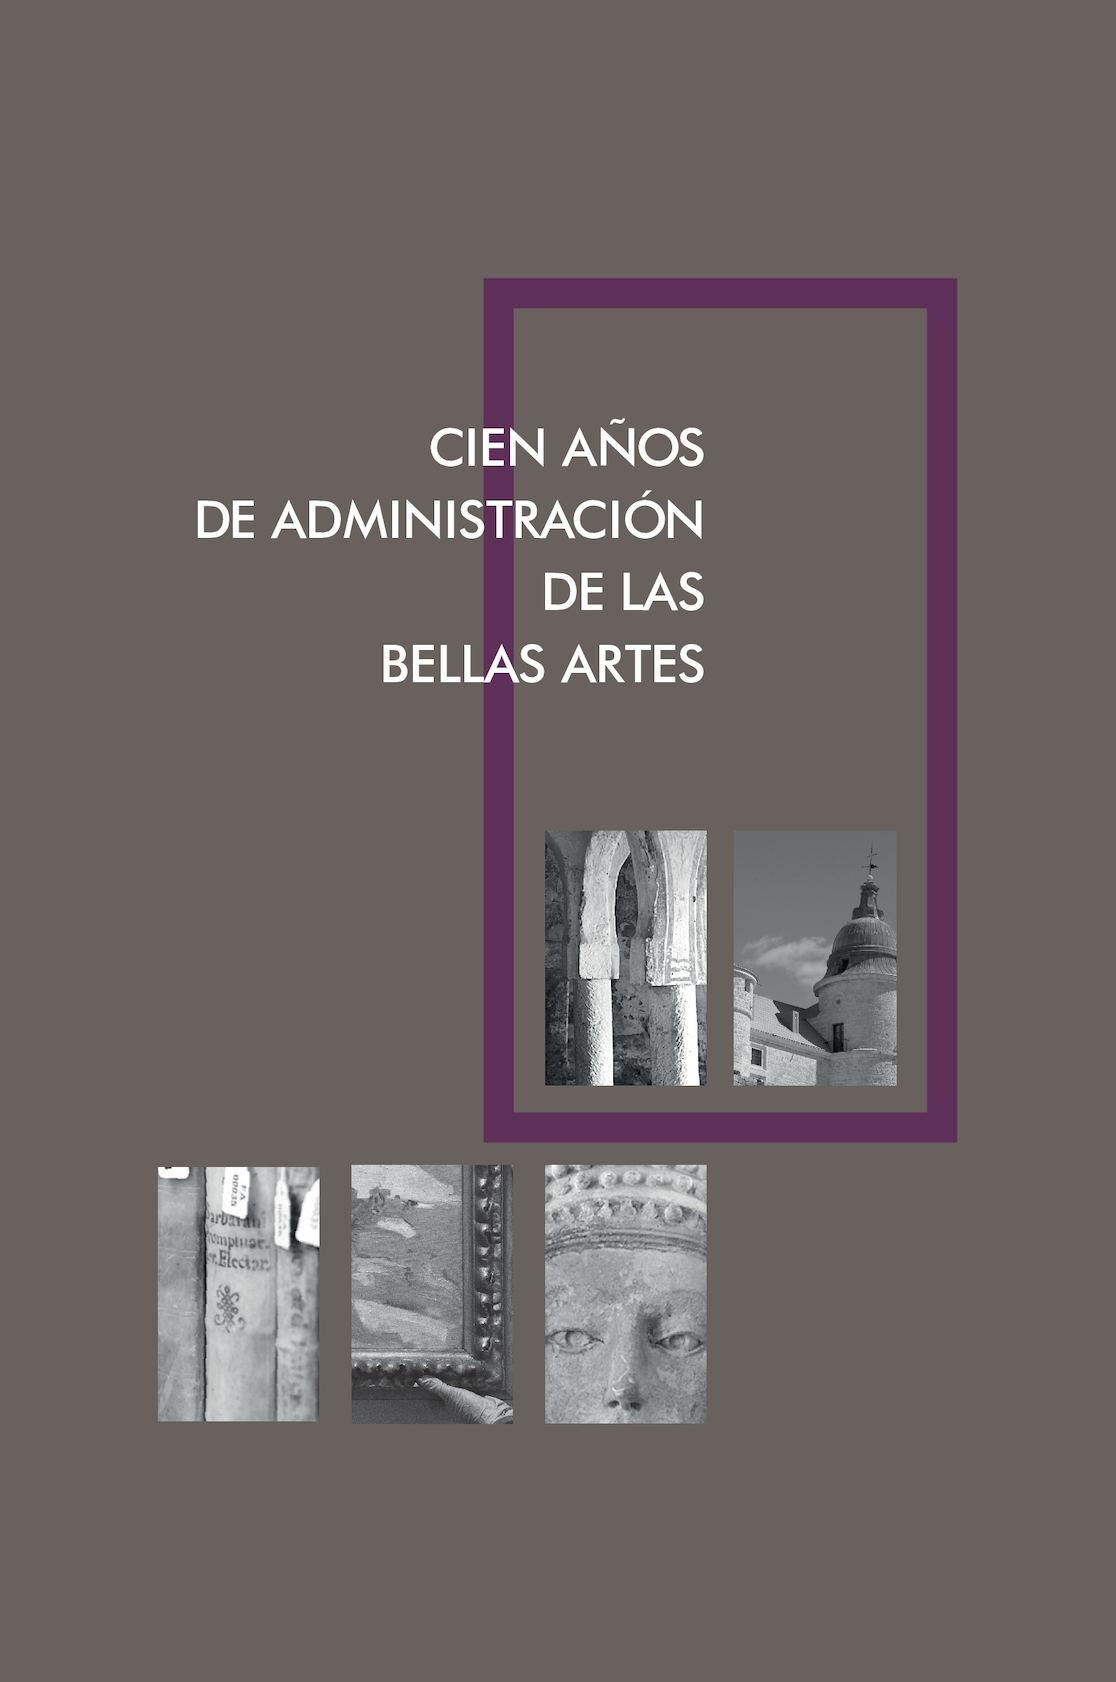 Calaméo - Cien años de administración de las Bellas Artes